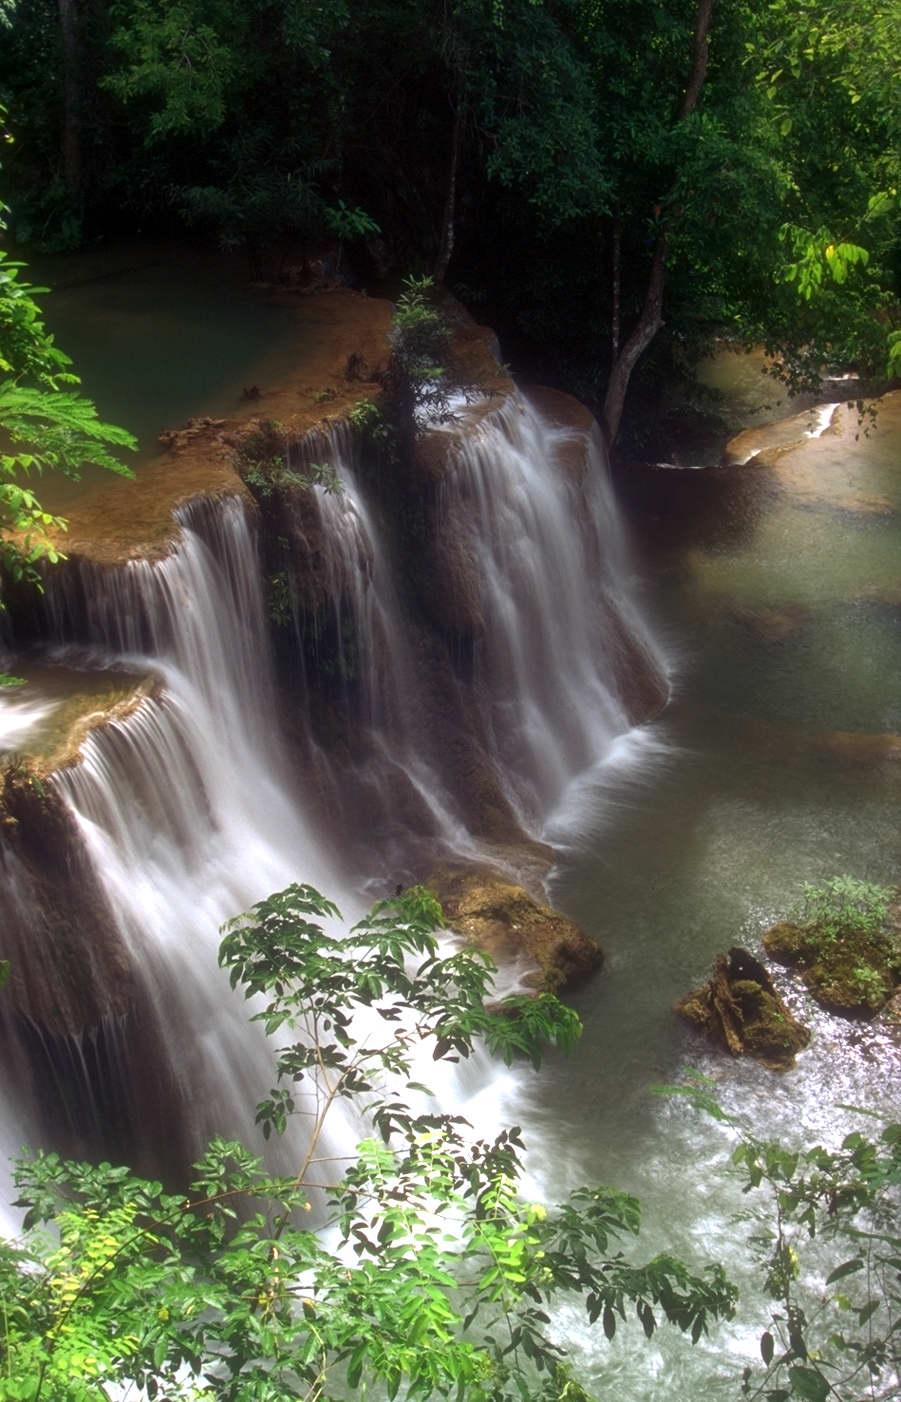 طبيعية ساحرة وجذابة جمال الطبيعه طبيعية 3dlat.com_17_18_b487